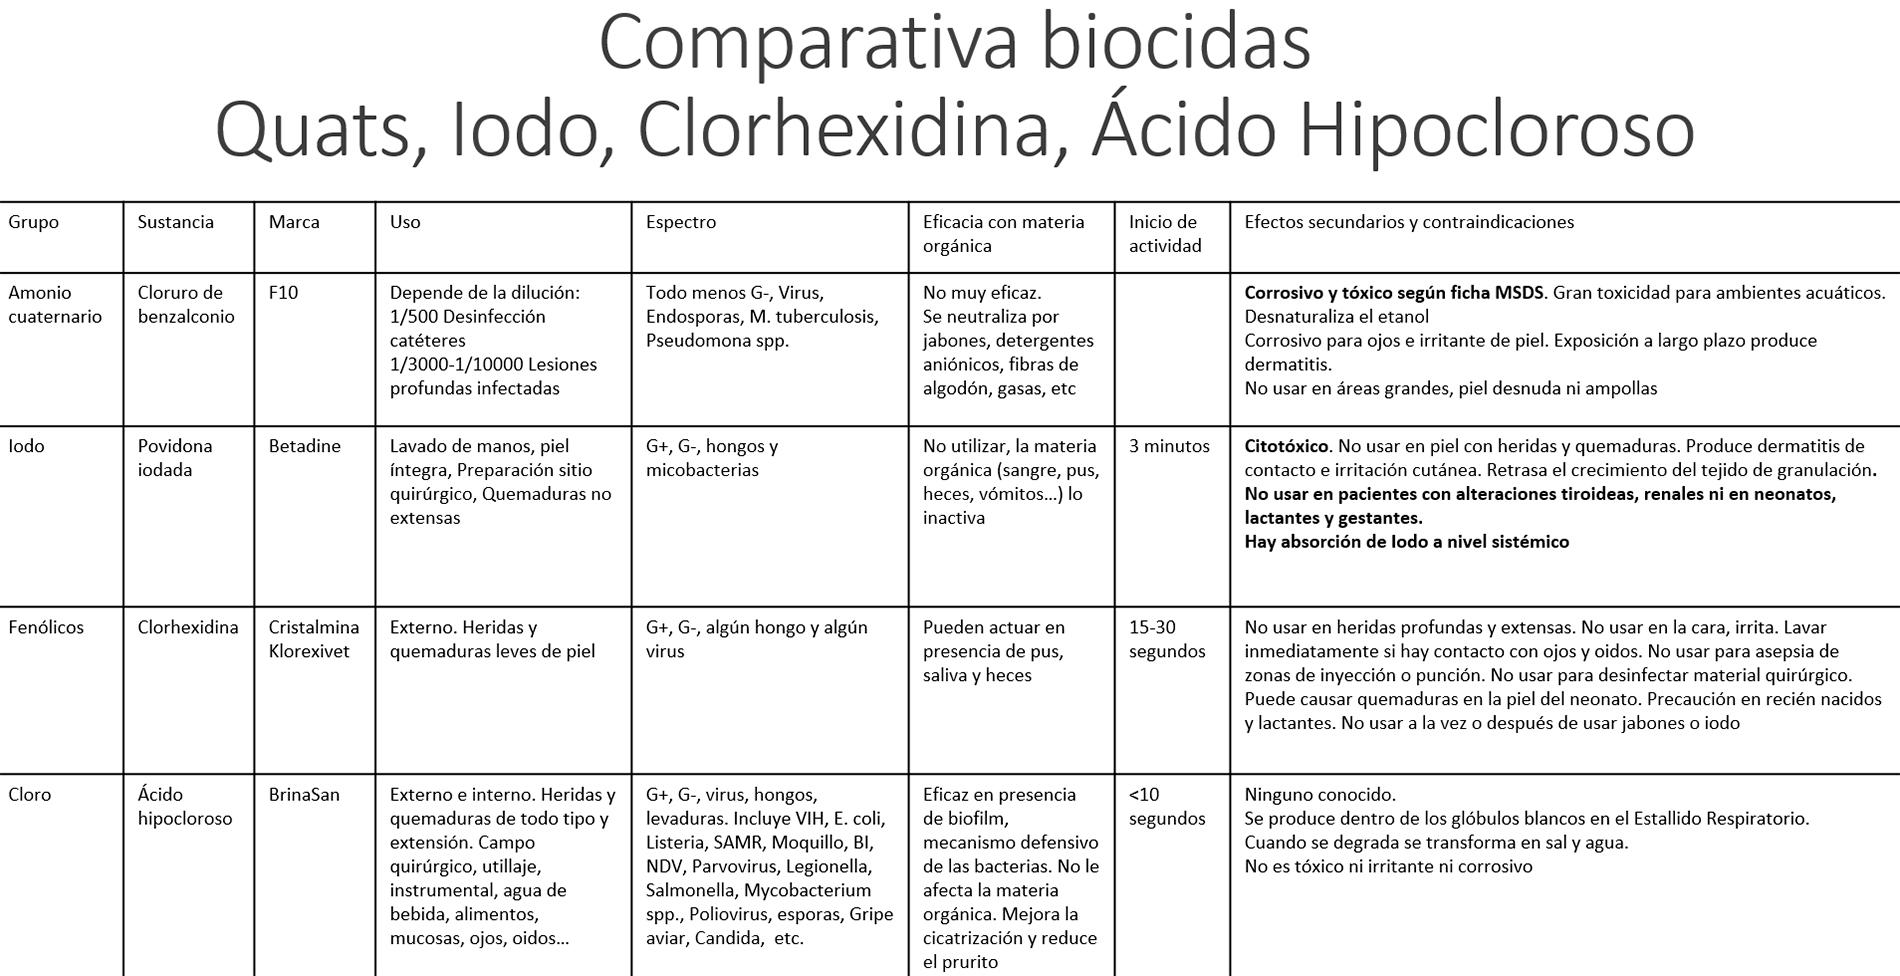 Comparativa biocidas Ácido Hipocloroso